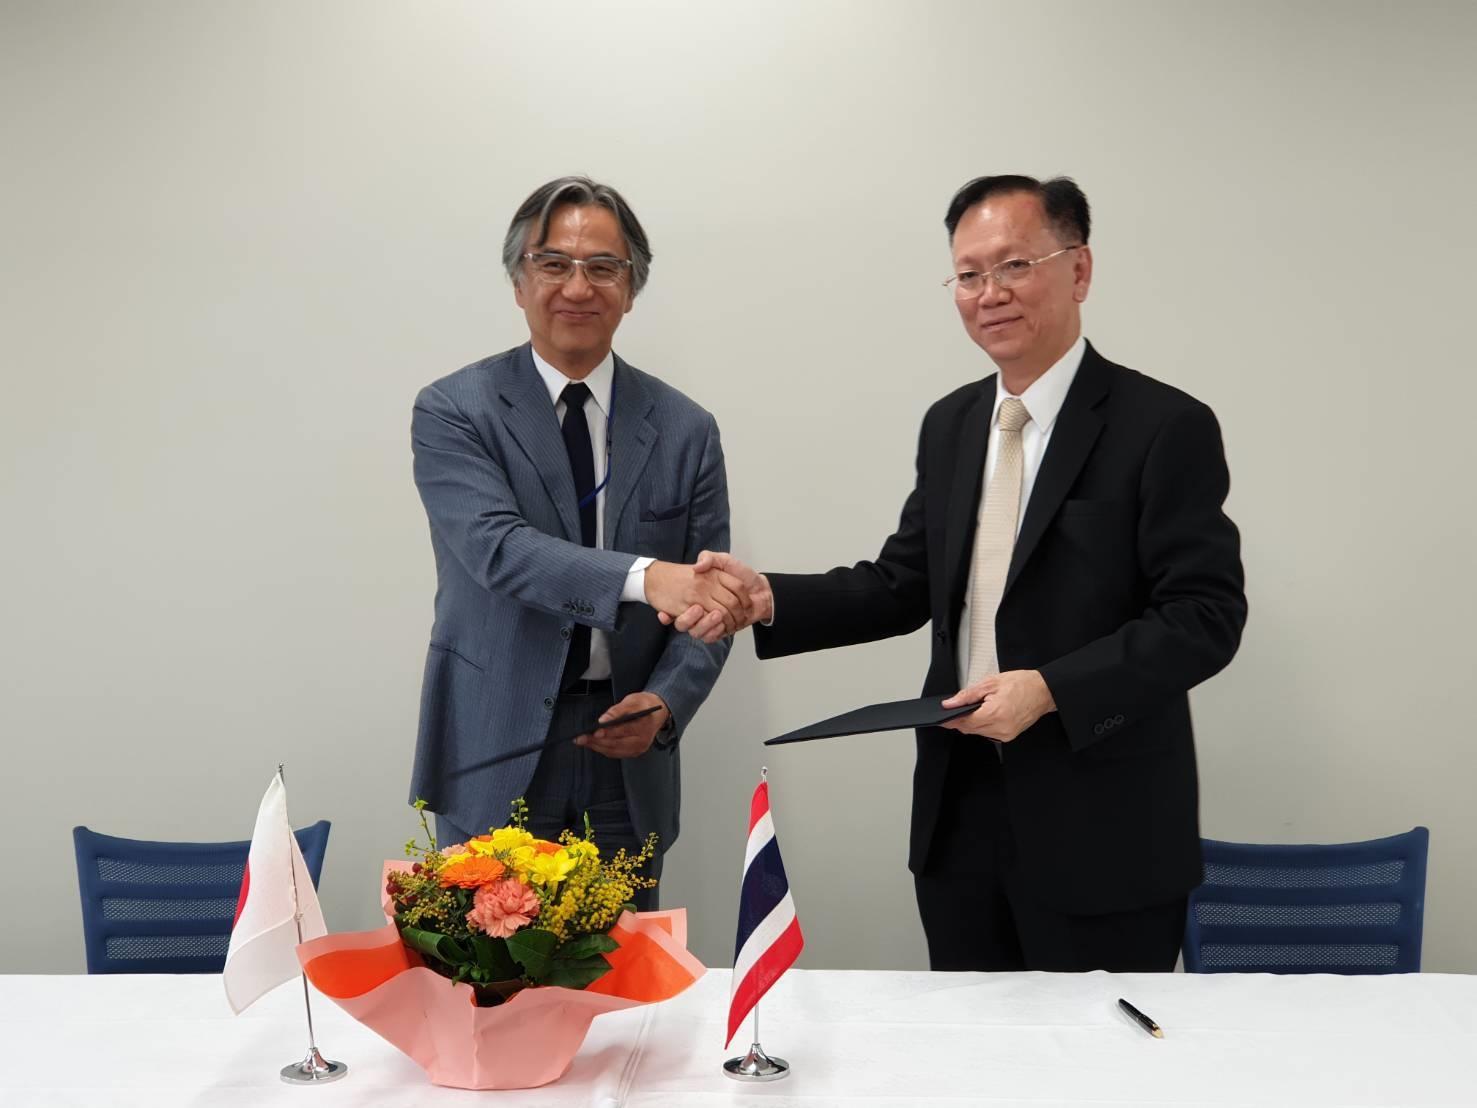 ไทย ลงนาม JITCO ญี่ปุ่น เพิ่มความสะดวกในการจัดส่งและรับผู้ฝึกงานเทคนิคไทย